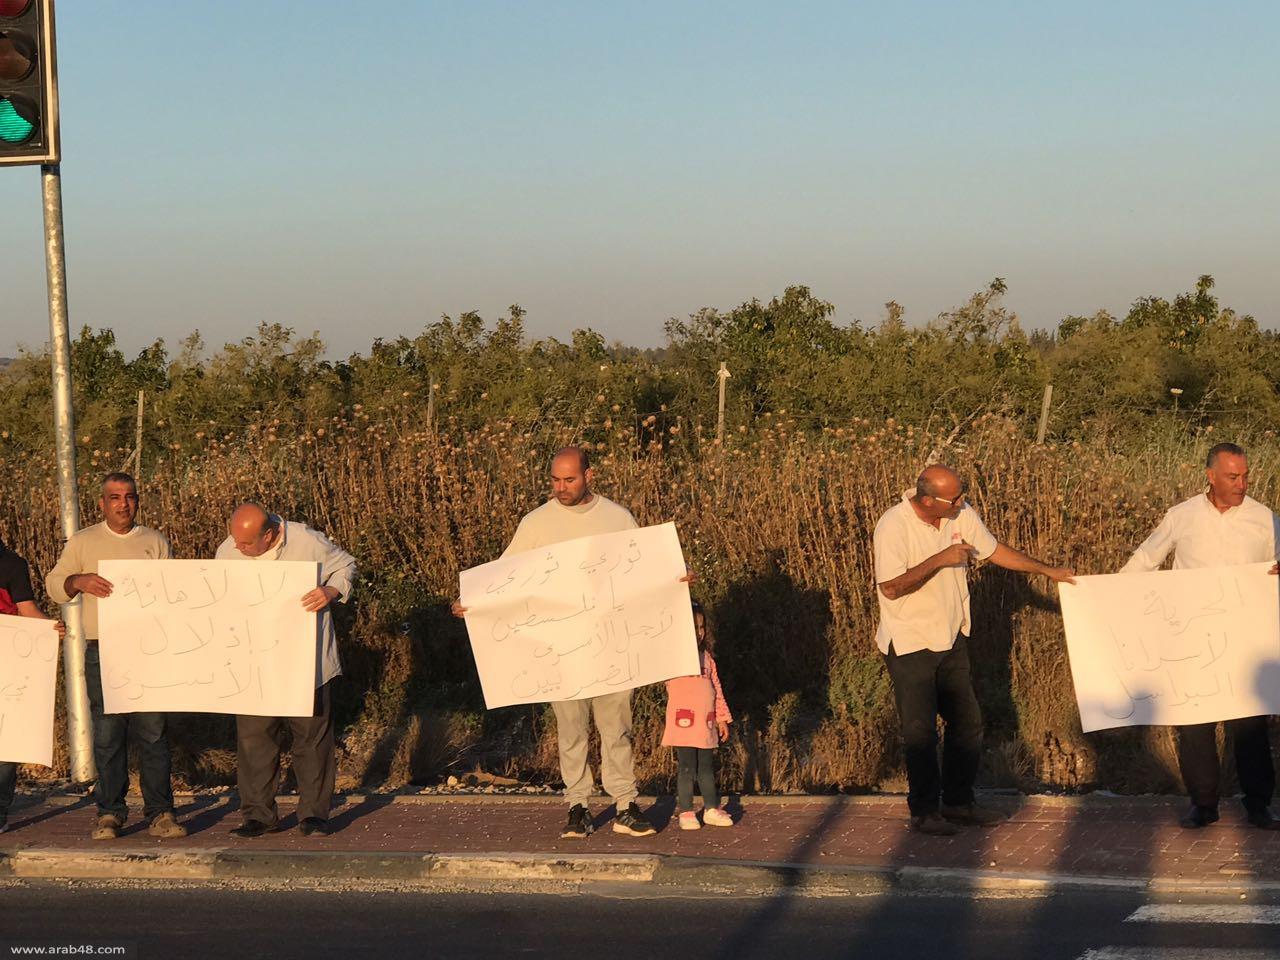 يافا والطيرة تقفان تضامنًا مع إضراب الأسرى